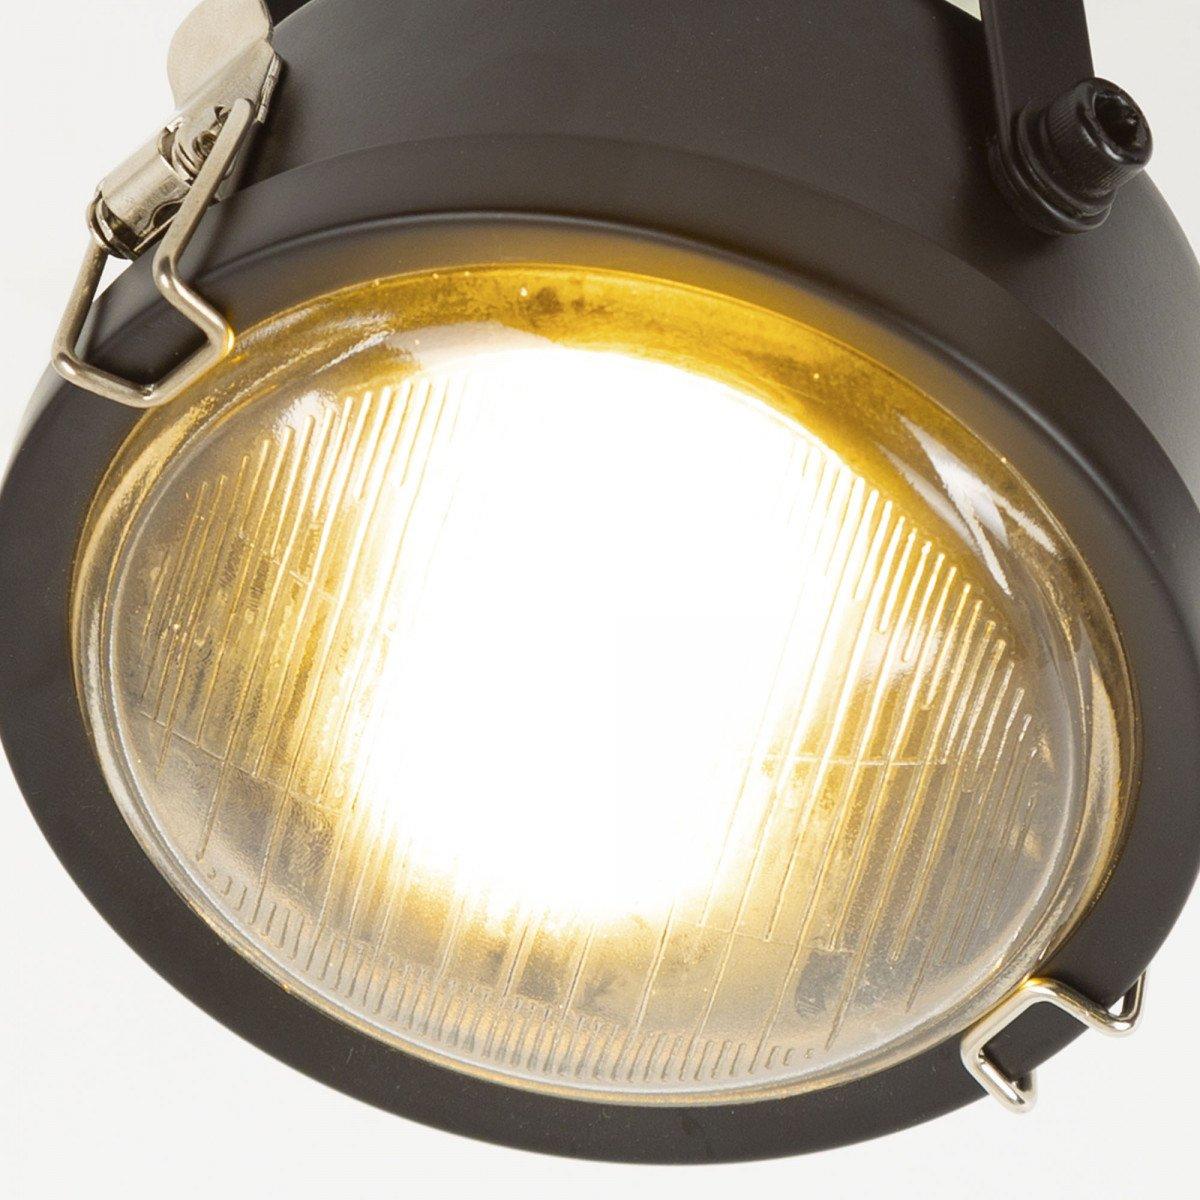 Satellite hanglamp